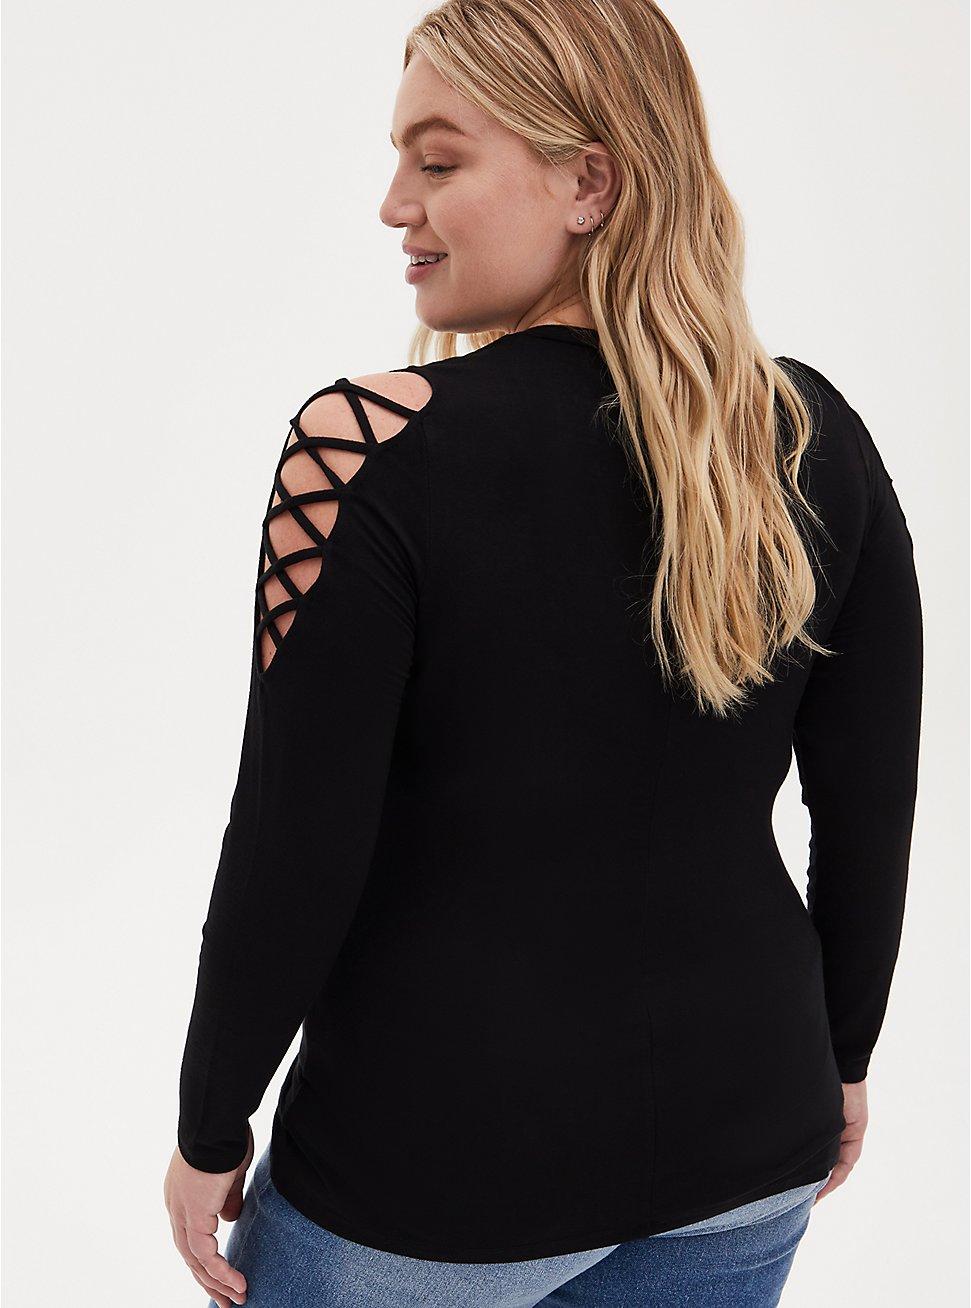 Plus Size Super Soft Black Lace-Up Sleeve Top, DEEP BLACK, hi-res